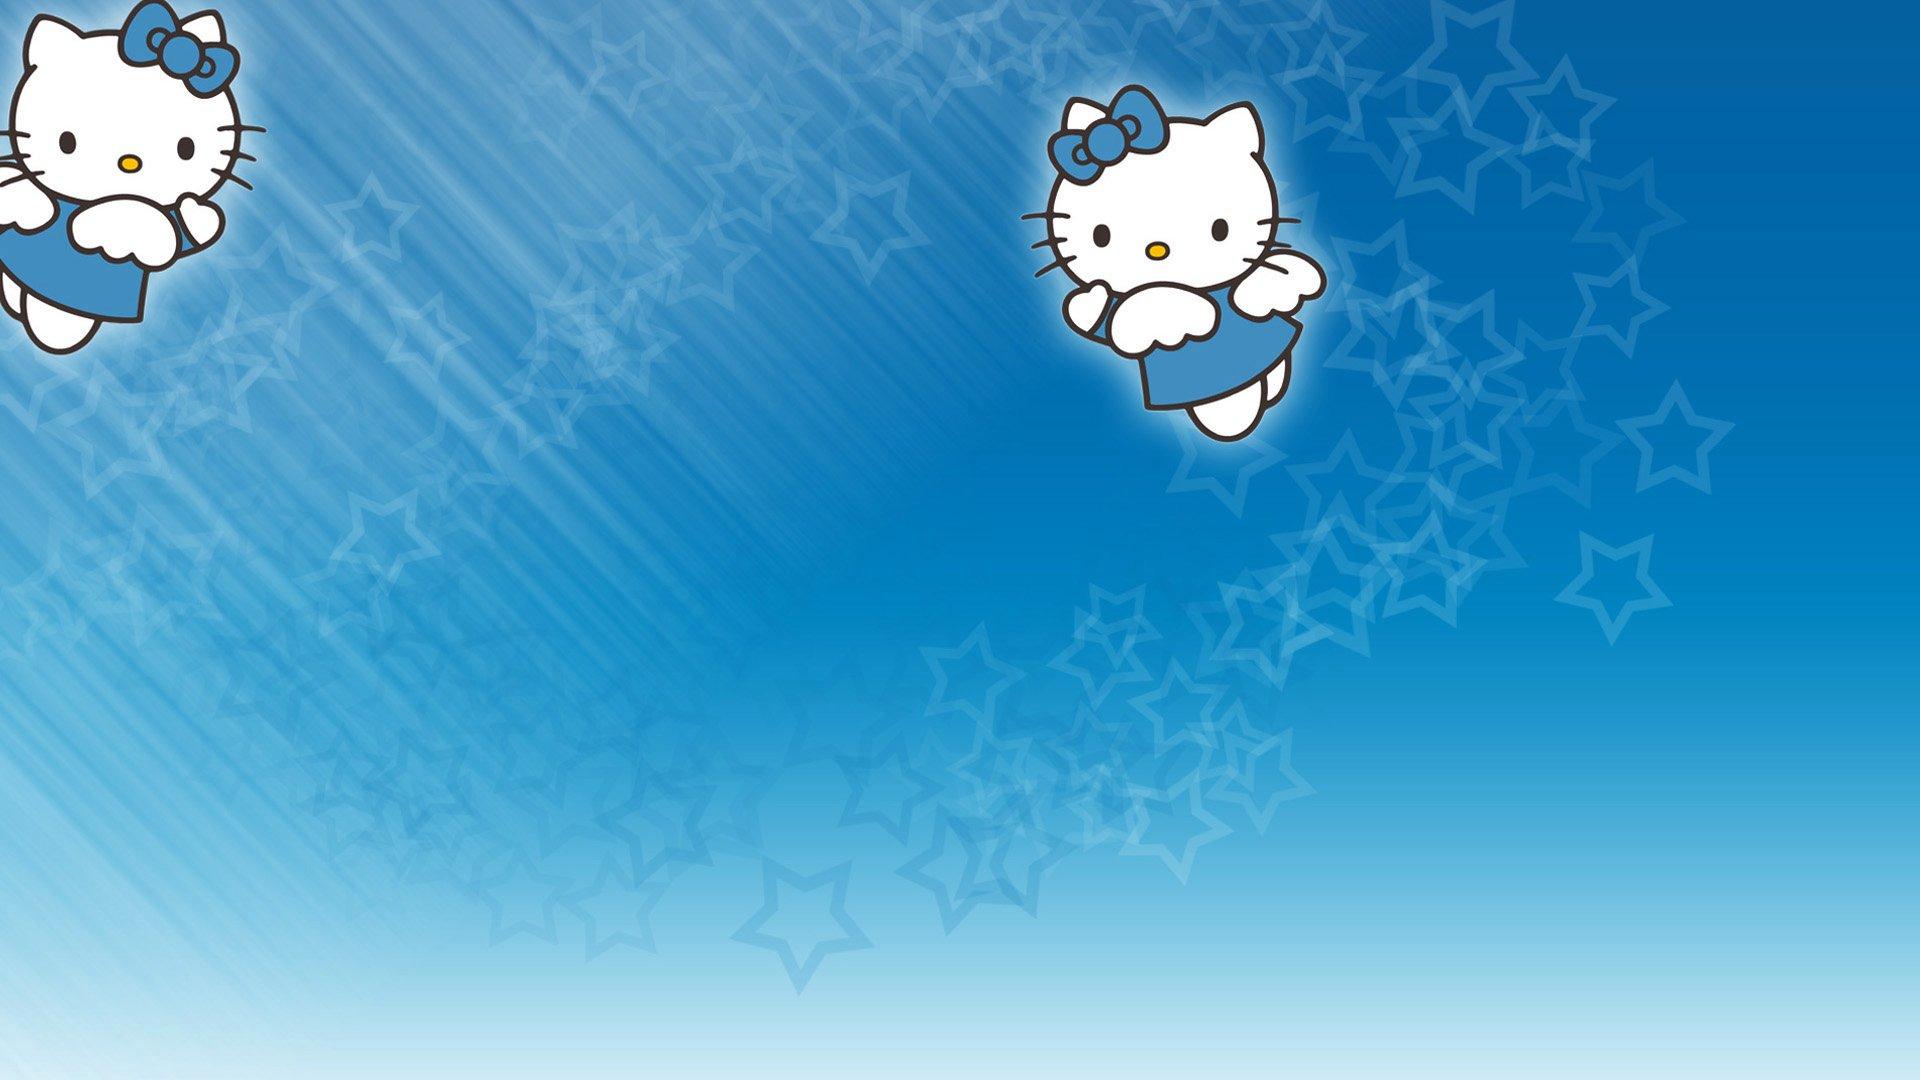 Cute Teddy Bears Wallpapers Hd Hello Kitty Wallpaper Hd Pixelstalk Net